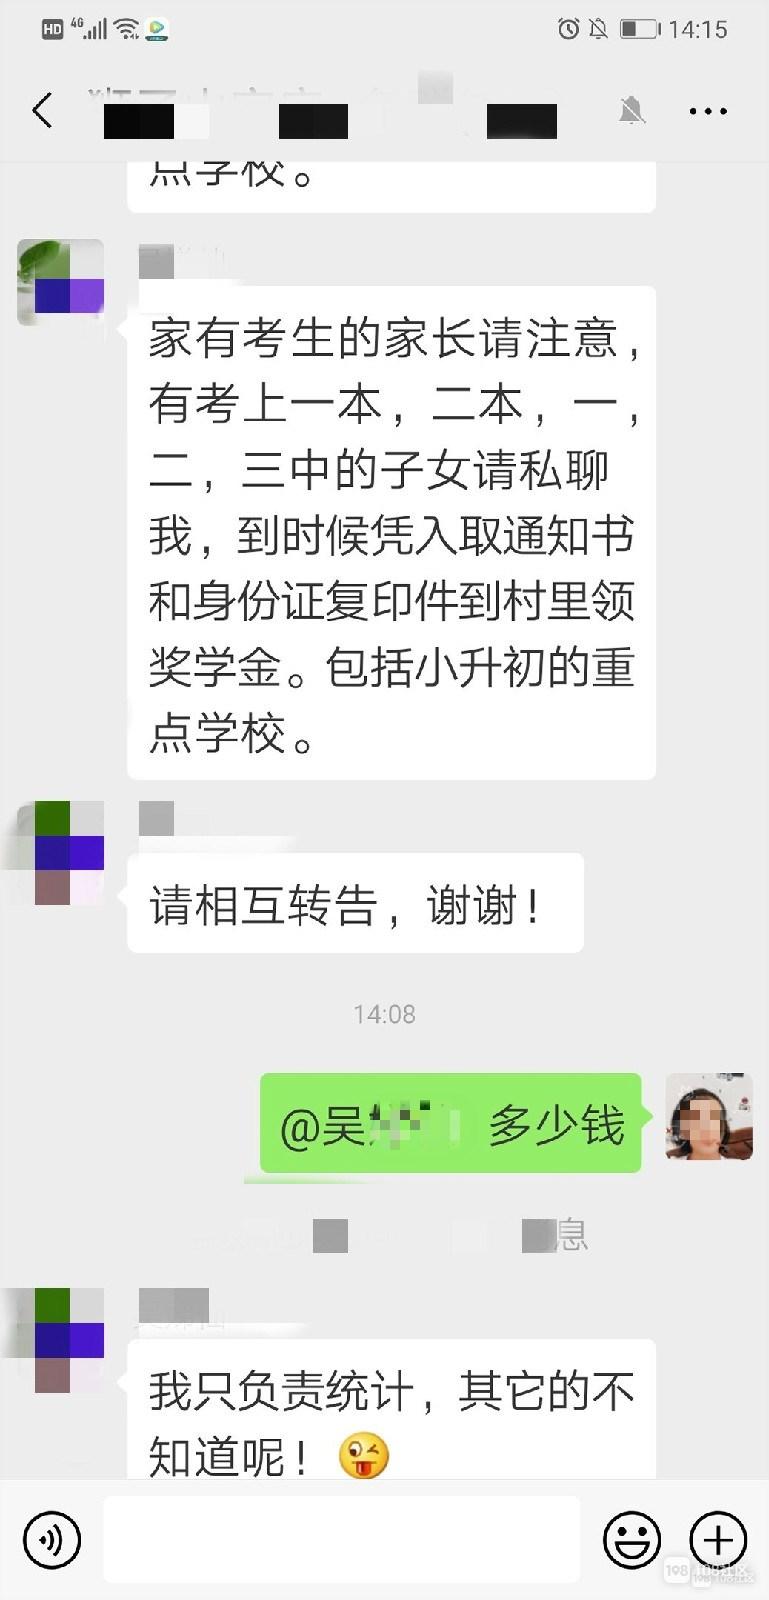 衢州这个村福利真好,考取重点学校就能领奖学金!